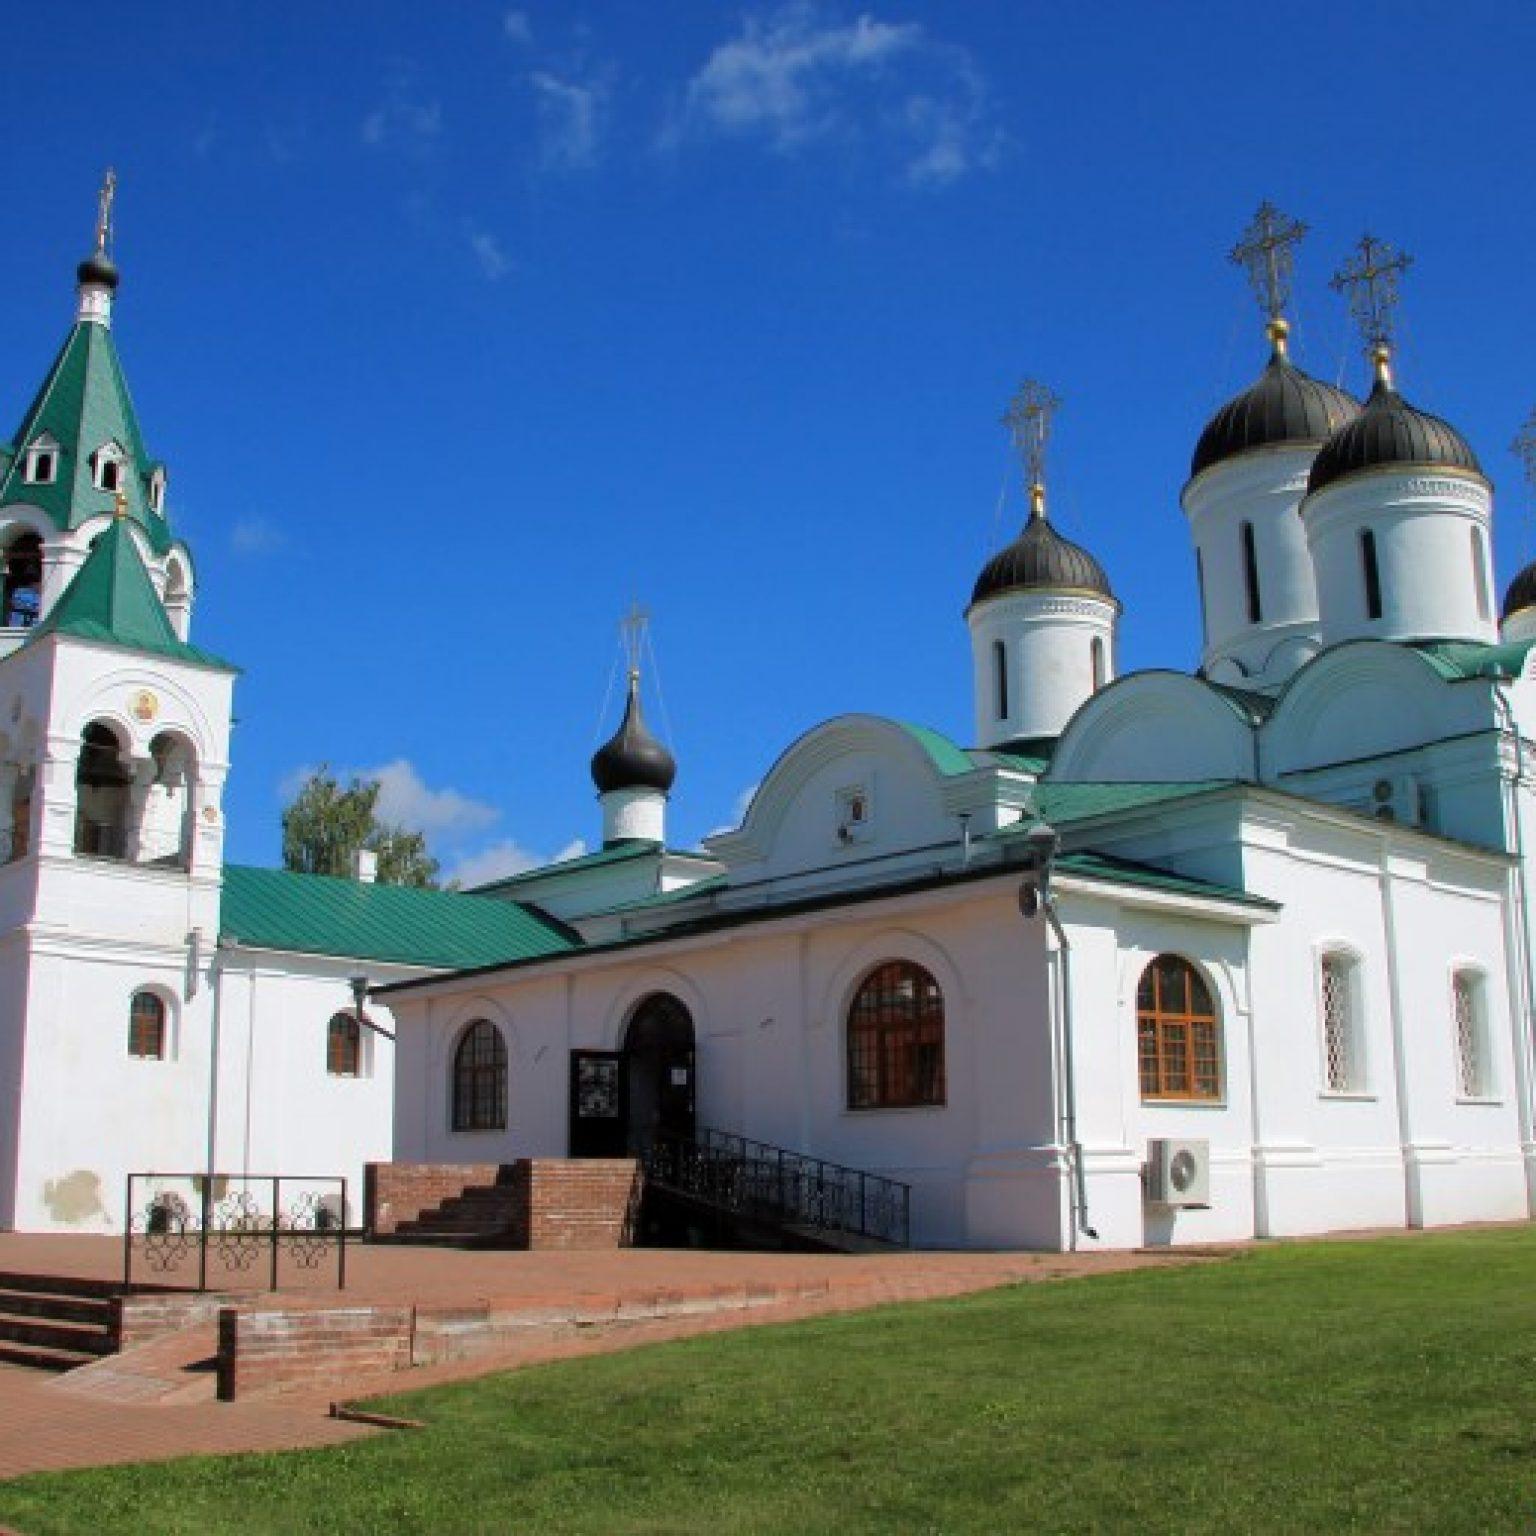 Достопримечательности Мурома: Спасо-Преображенский монастырь